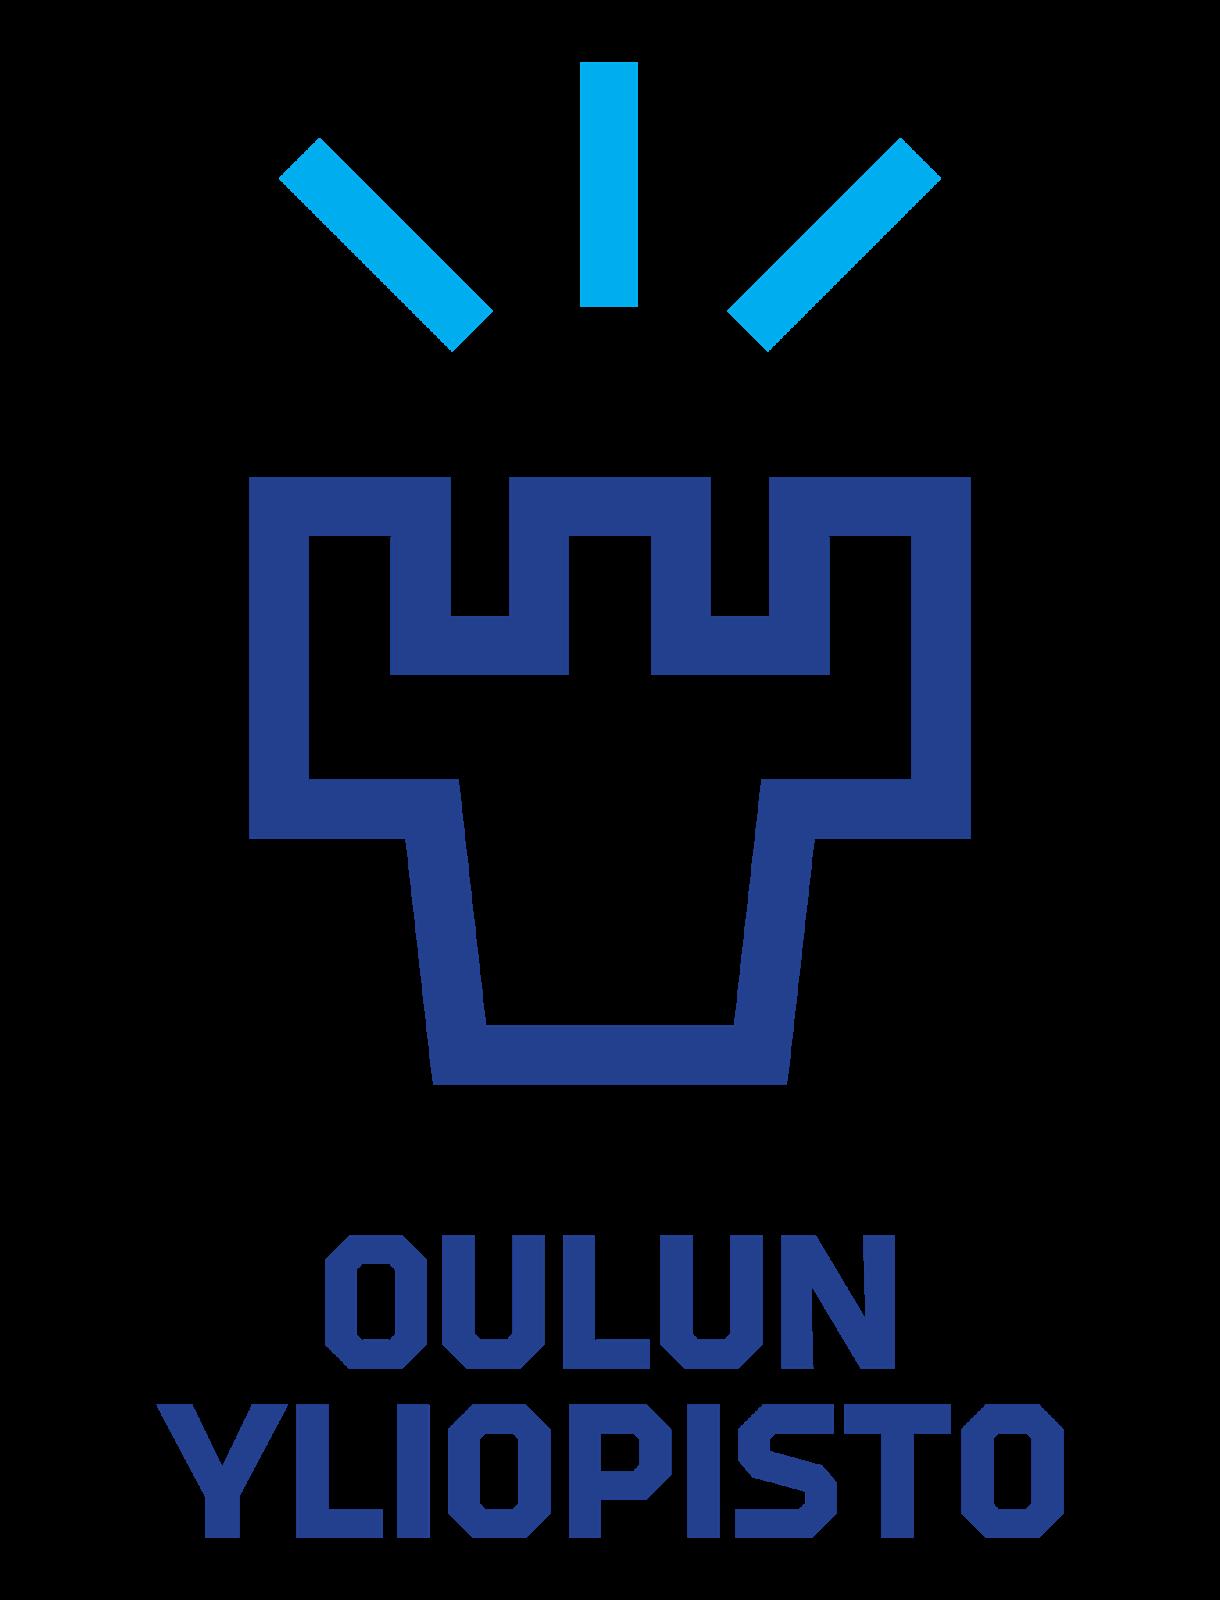 Suomalaiset Symbolit